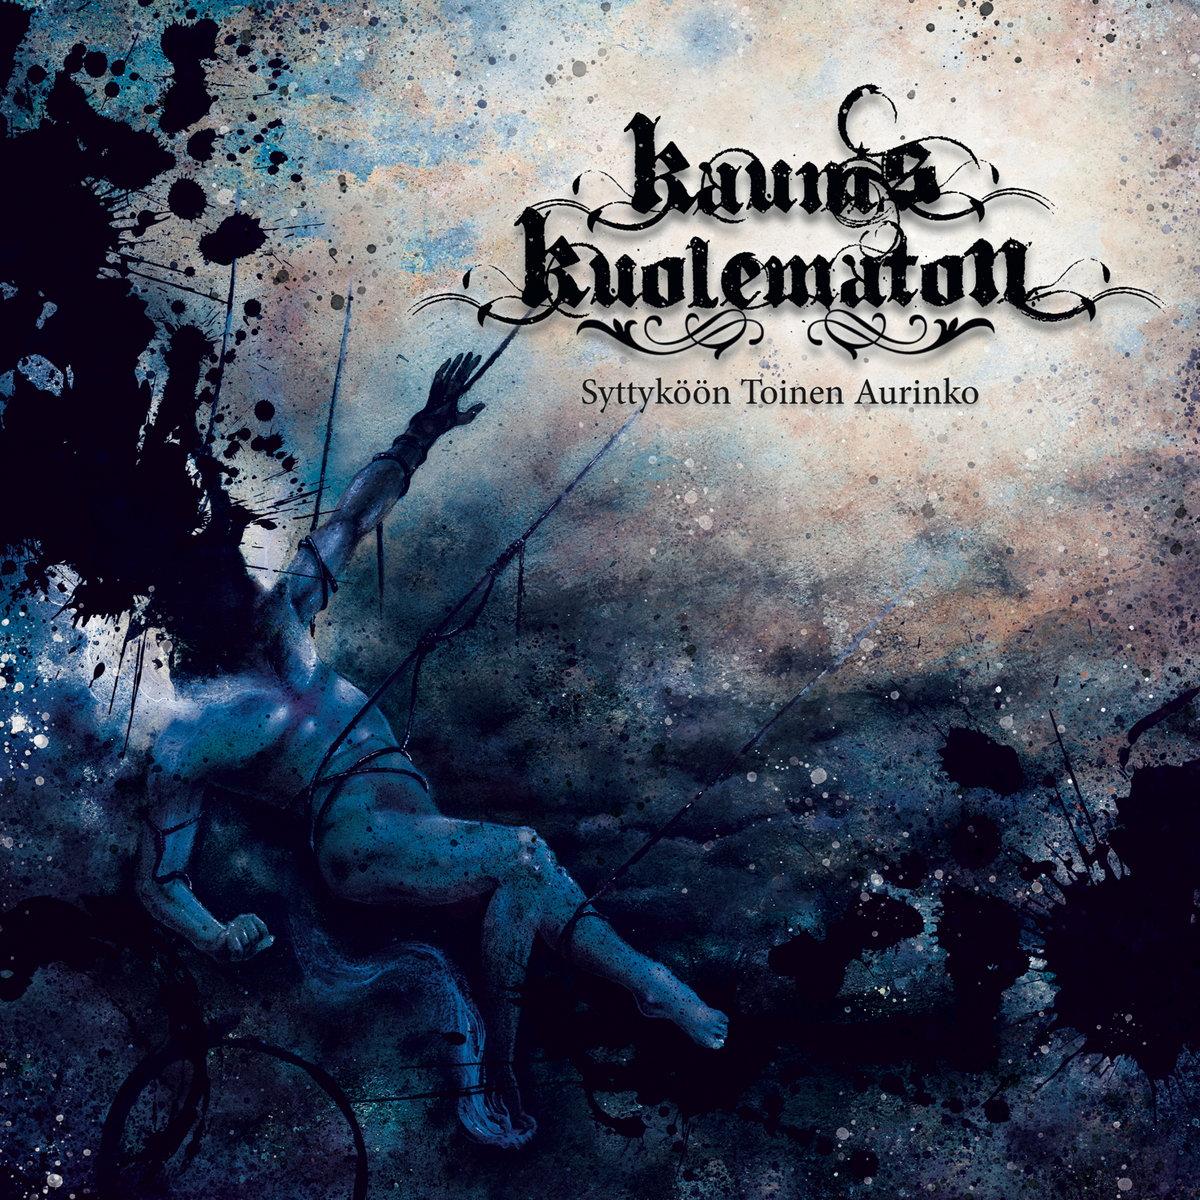 Kaunis Kuolematon, un groupe de metal finlandais aux titres de chansons imprononçables, à découvrir sur Spotify ou YouTube et sans oublier qu'acheter un CD, c'est toujours sympa.